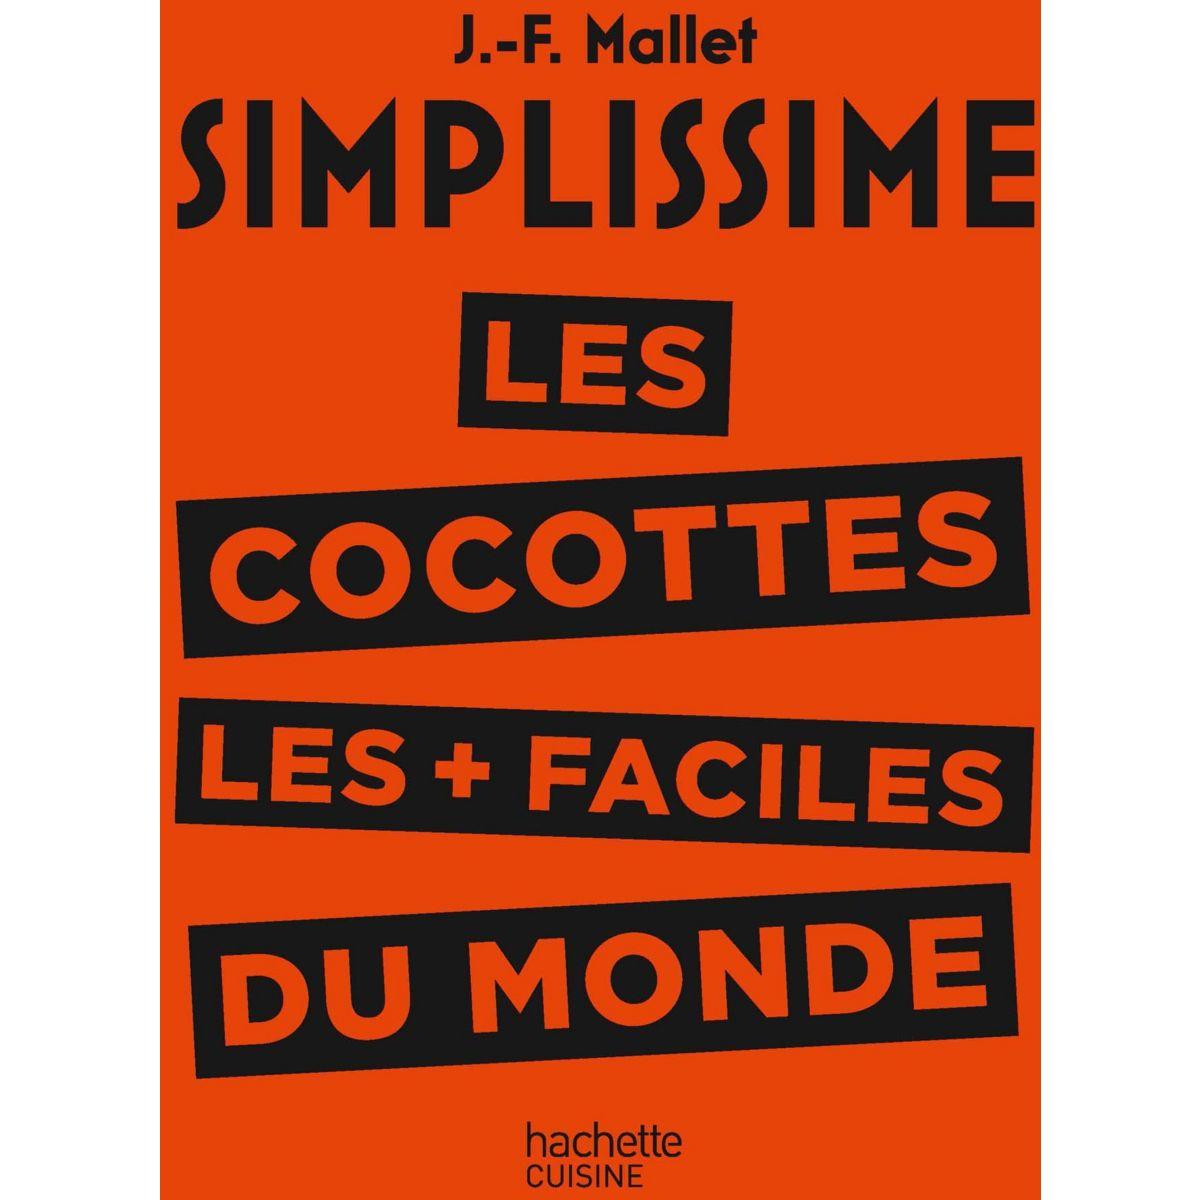 Livre HACHETTE Simplissime Les cocottes (photo)